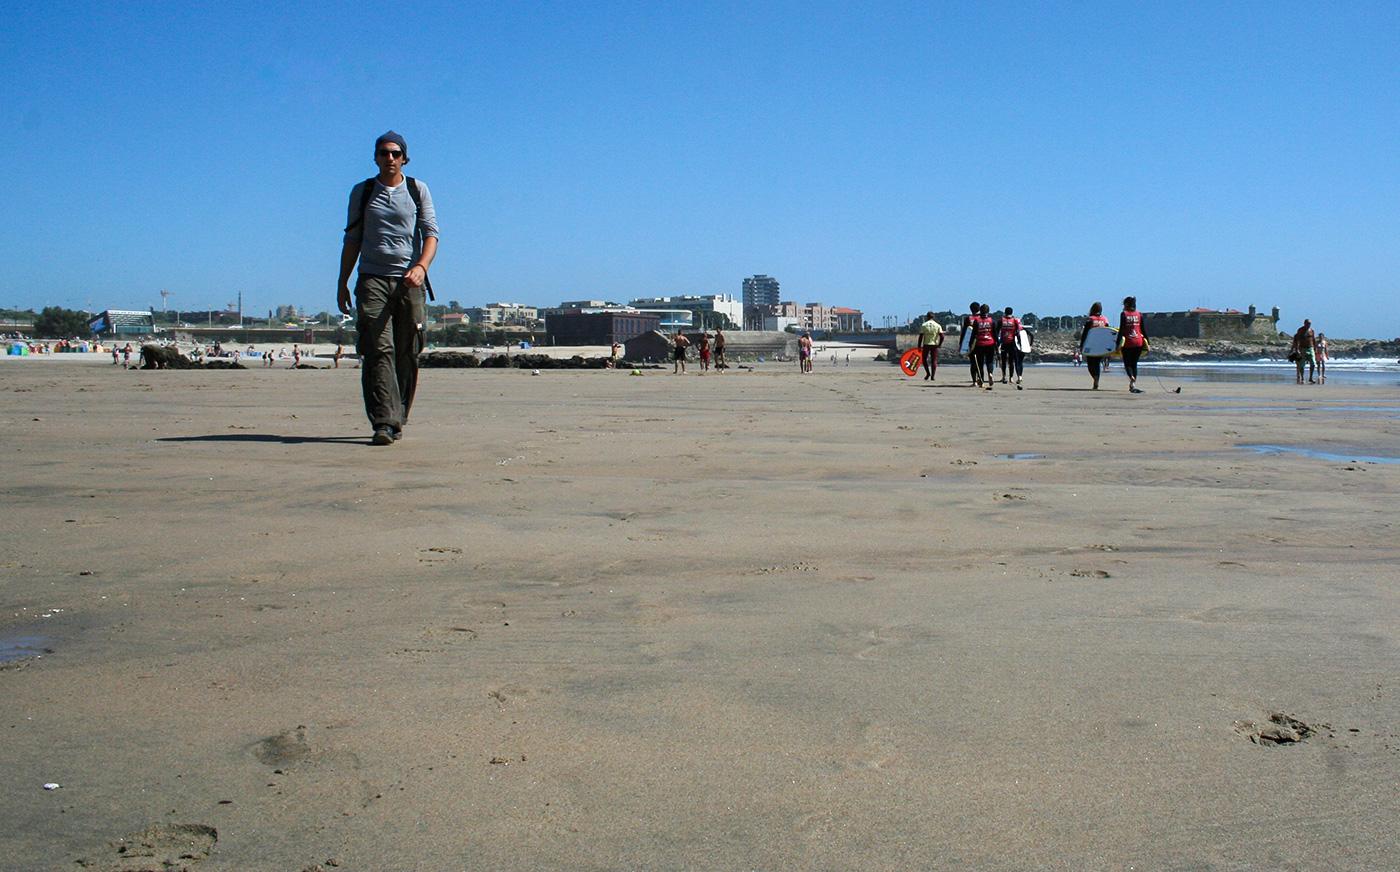 Matosinhos: Pilger am Strand